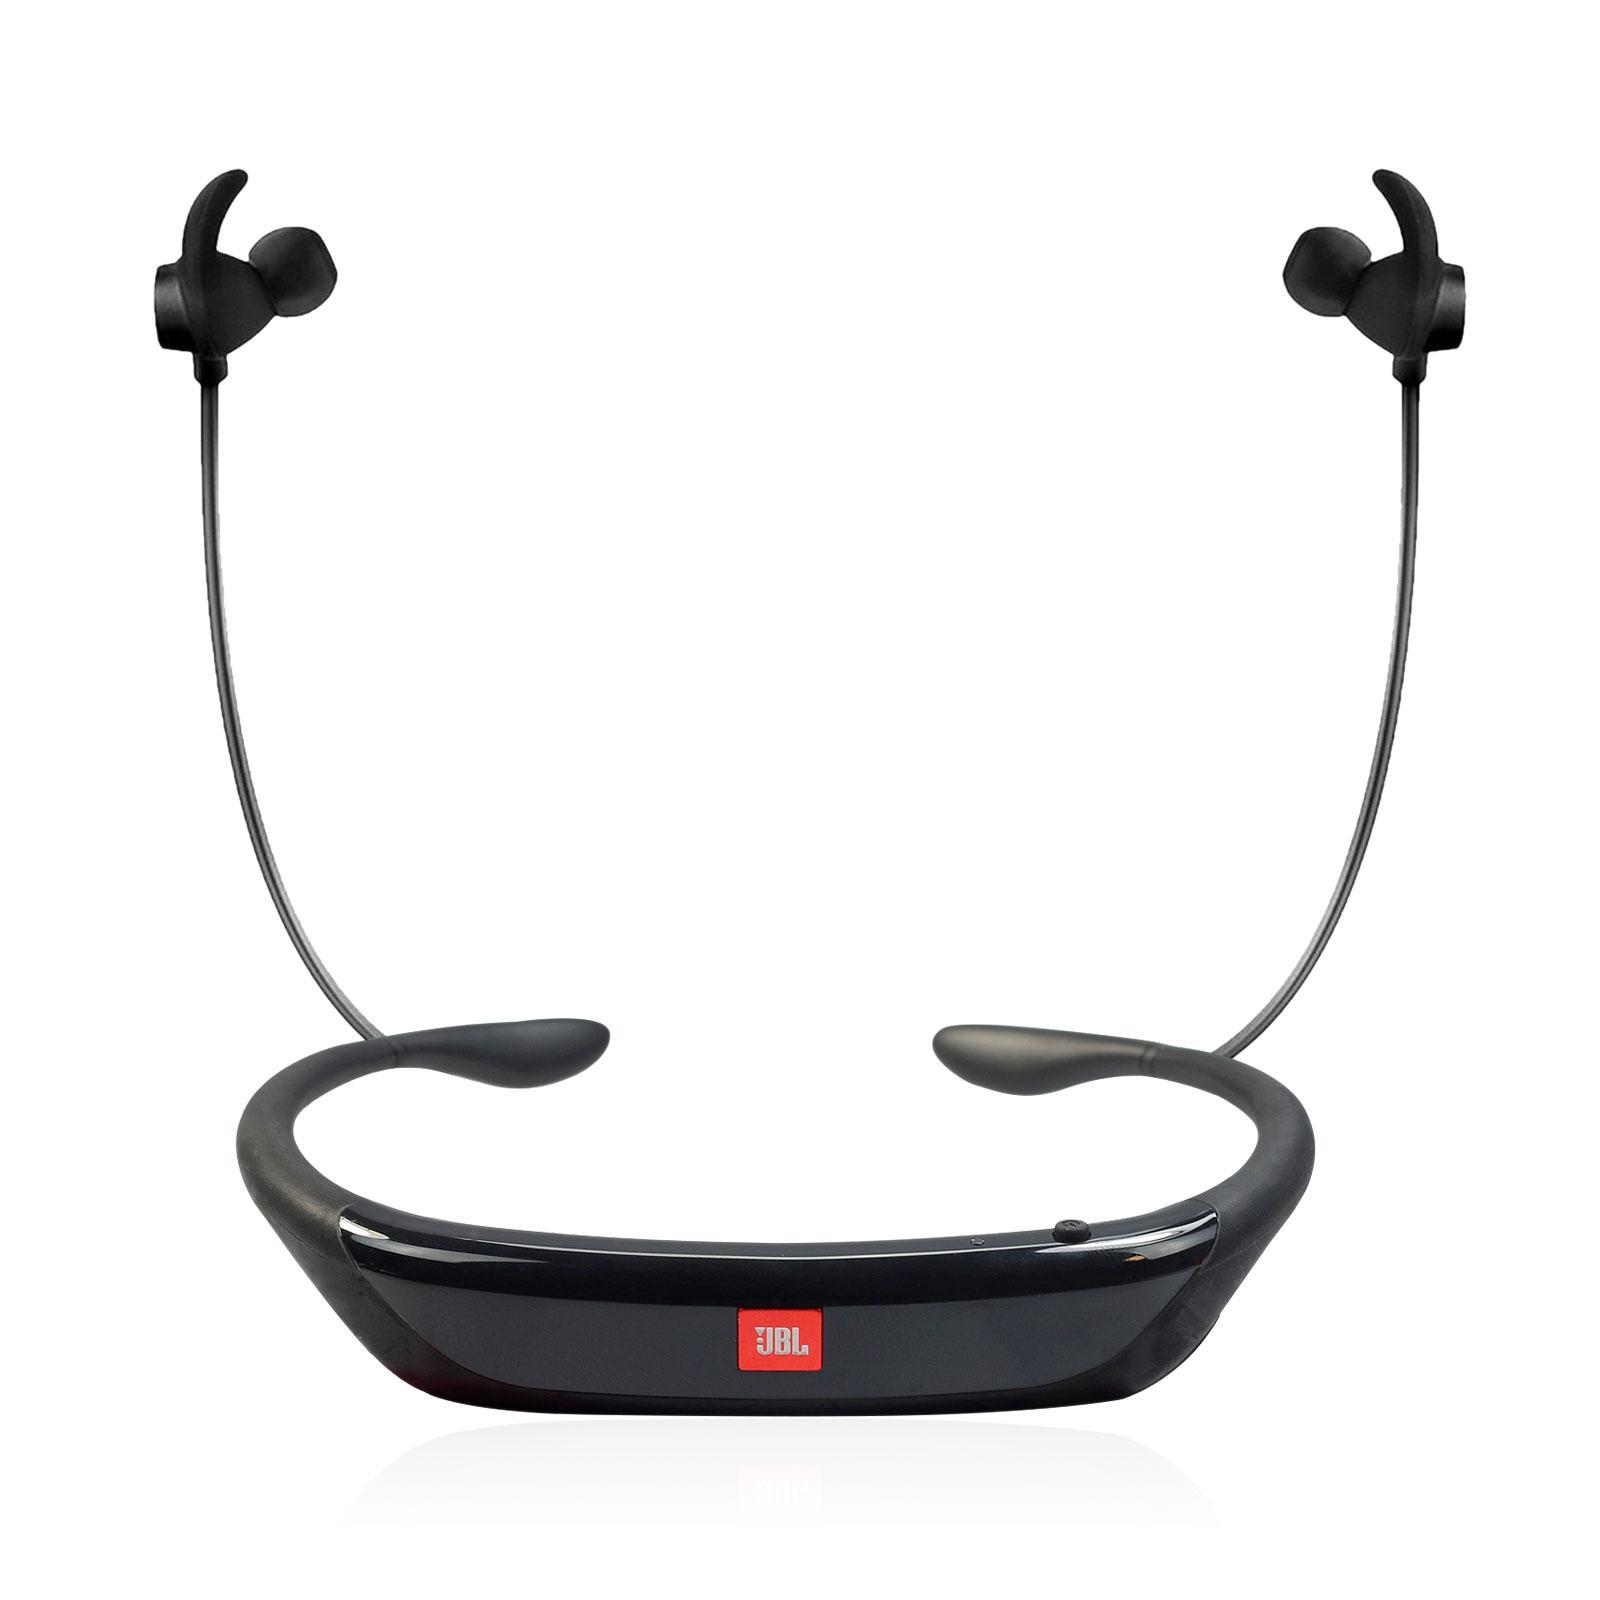 Jbl Headphones Bluetooth